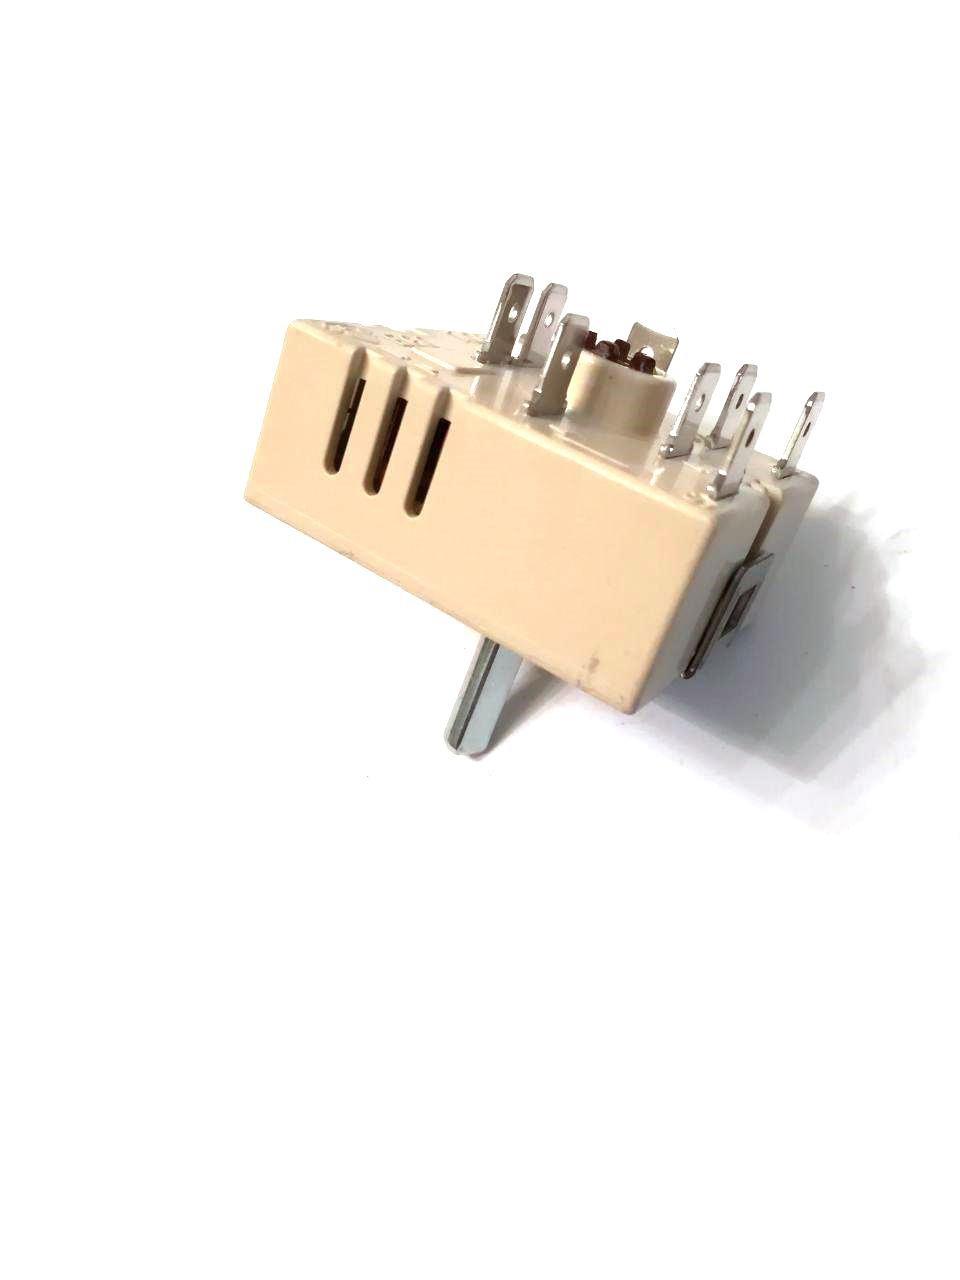 Переключатель мощности 50.55021.100 для стеклокерамических поверхностей EGO / Германия